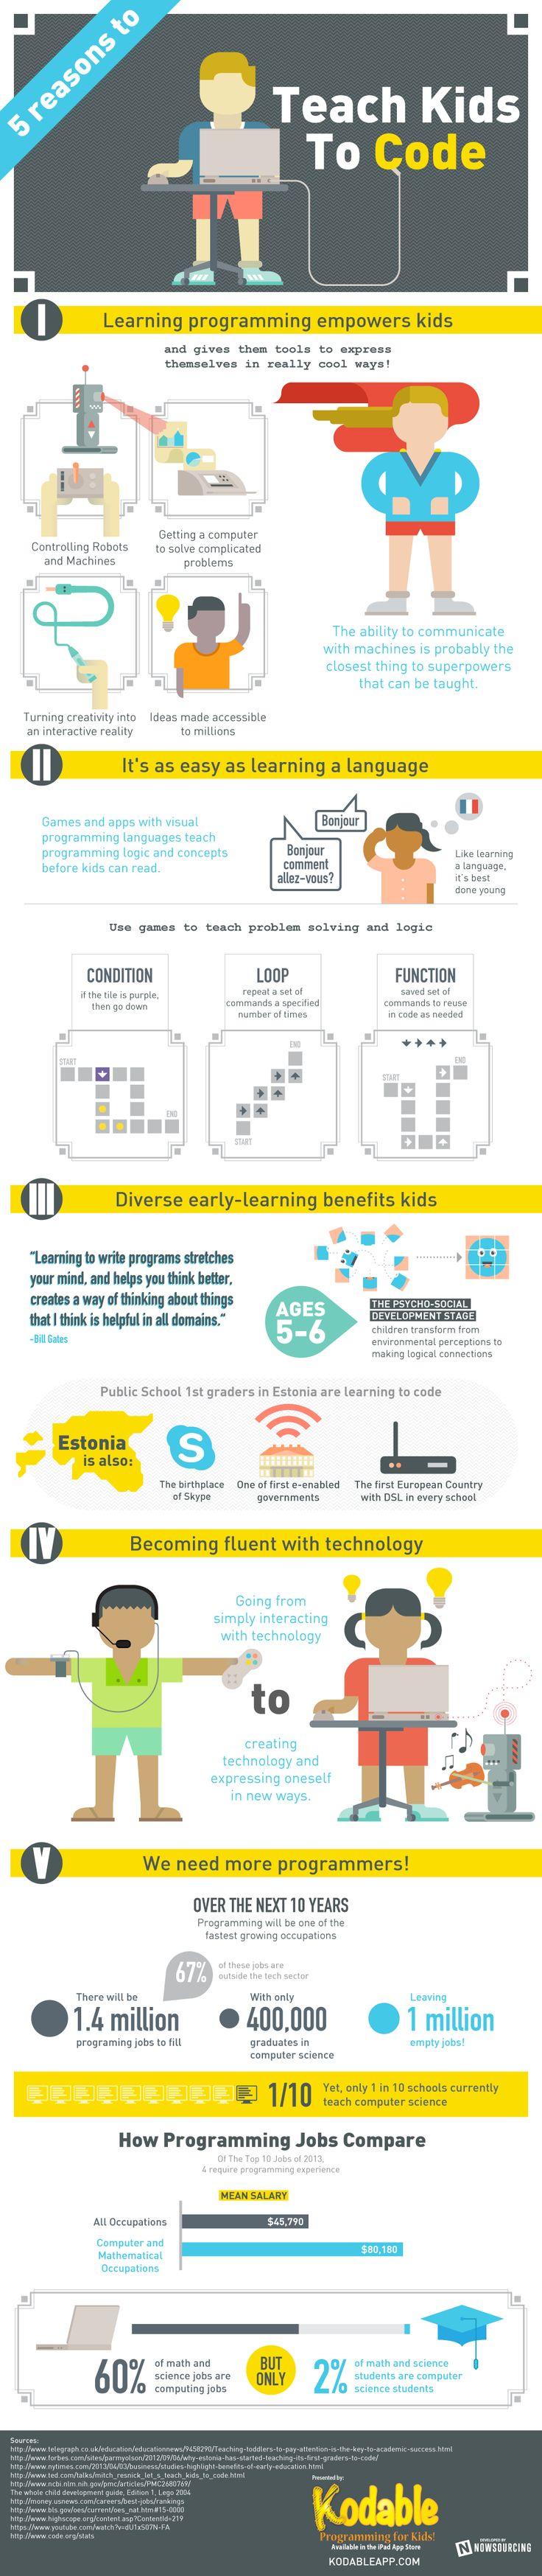 5 razones por las que enseñar a los niños a programar #infografia #infographic #education